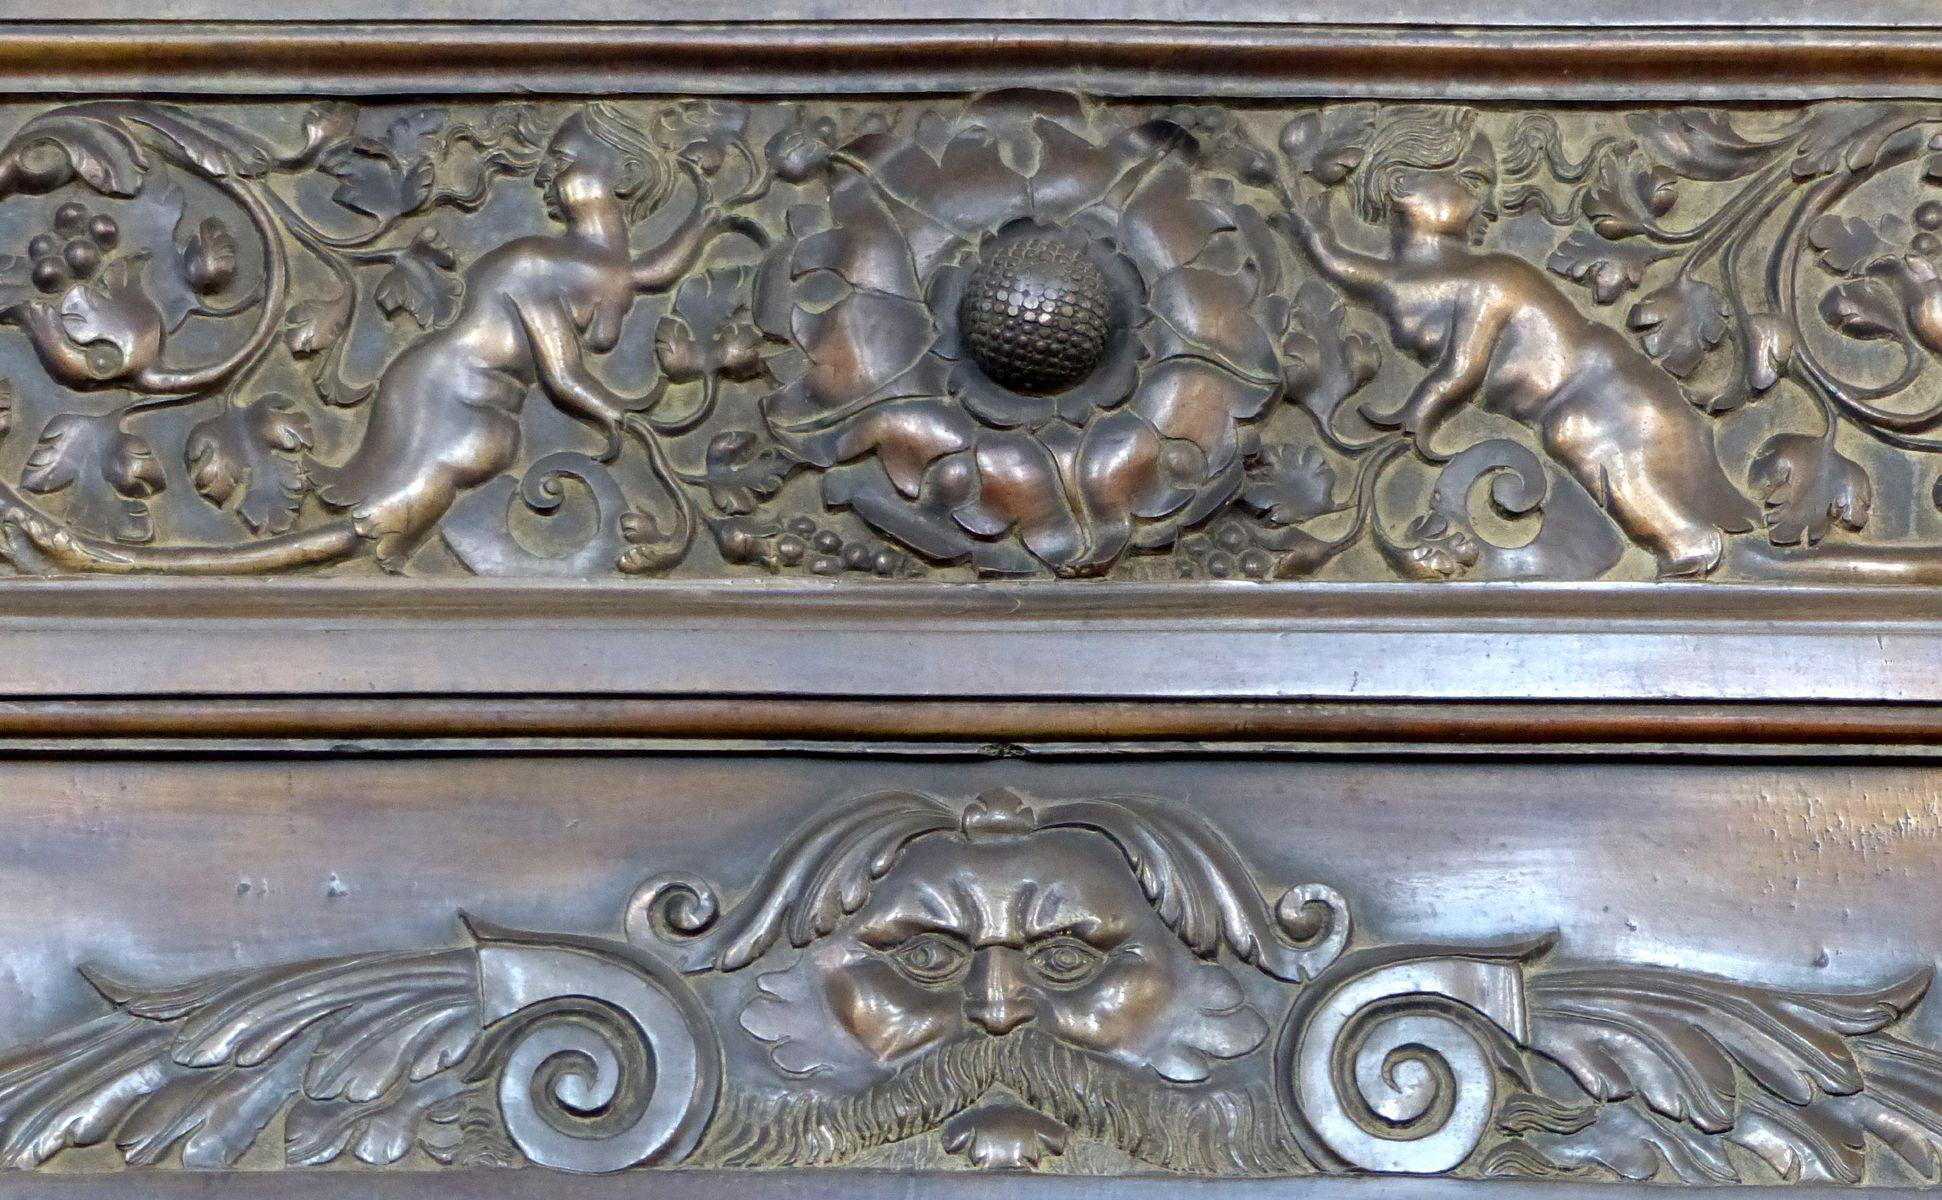 Epitaph des Gottfried Werner Graf von Zimmern (Meßkirch, Baden-Württemberg) Mittelteil des oberen Plattenrandes mit Grotteschi und Maske